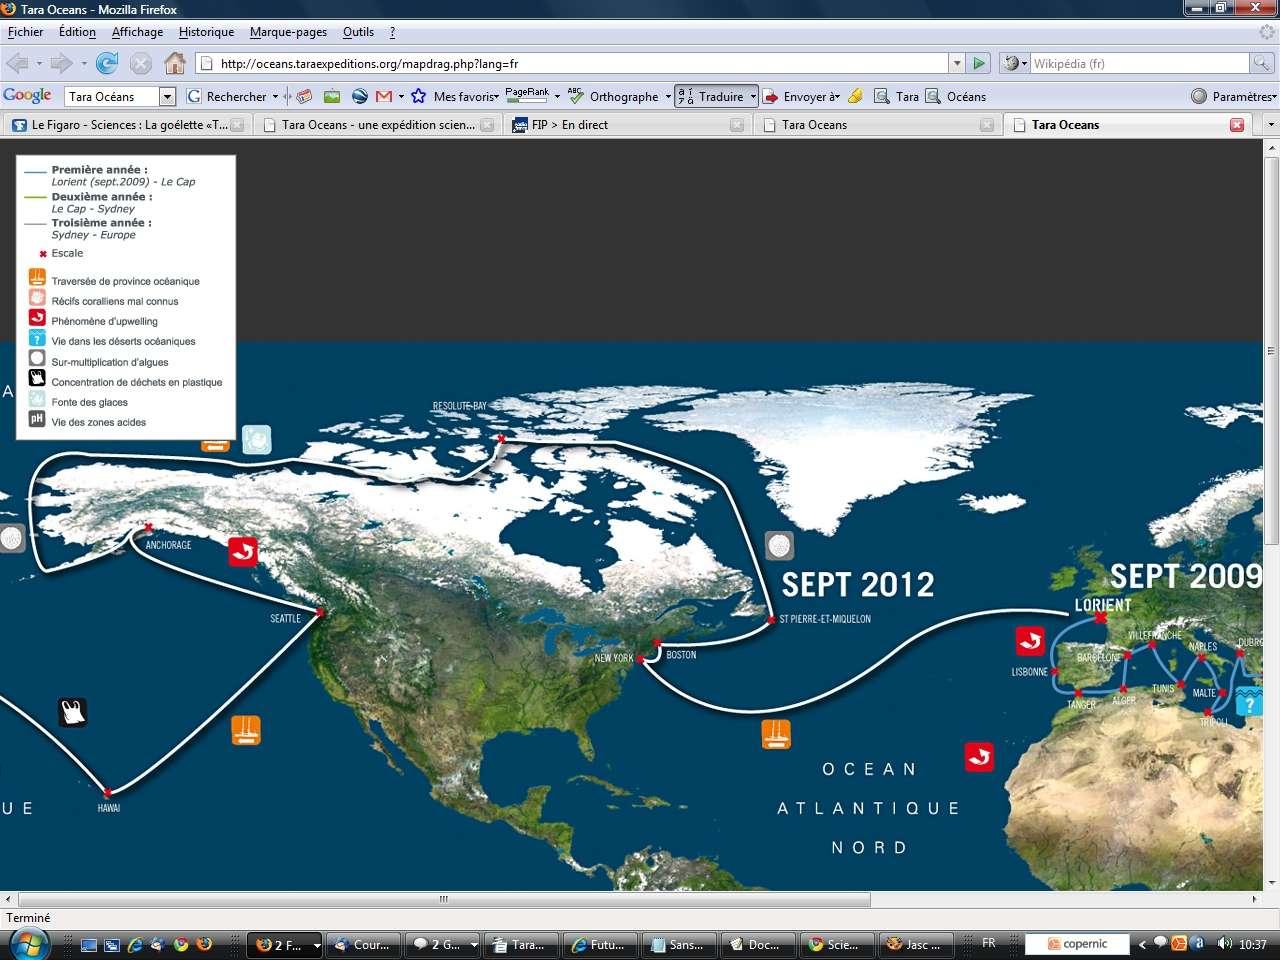 Au début de l'année 2012, le voilier se dirigera vers les Etats-Unis, remontera jusqu'en Alaska et regagnera l'océan Atlantique en se frayant un chemin dans les eaux froides du nord du Canada. C'est le fameux passage du nord-ouest, dont les glaces, présentes même en été, ont arrêté les marins durant trois siècles. Durant l'été 2007, le passage a été pour la première fois entièrement libre de glace, illustrant la réalité du réchauffement climatique.